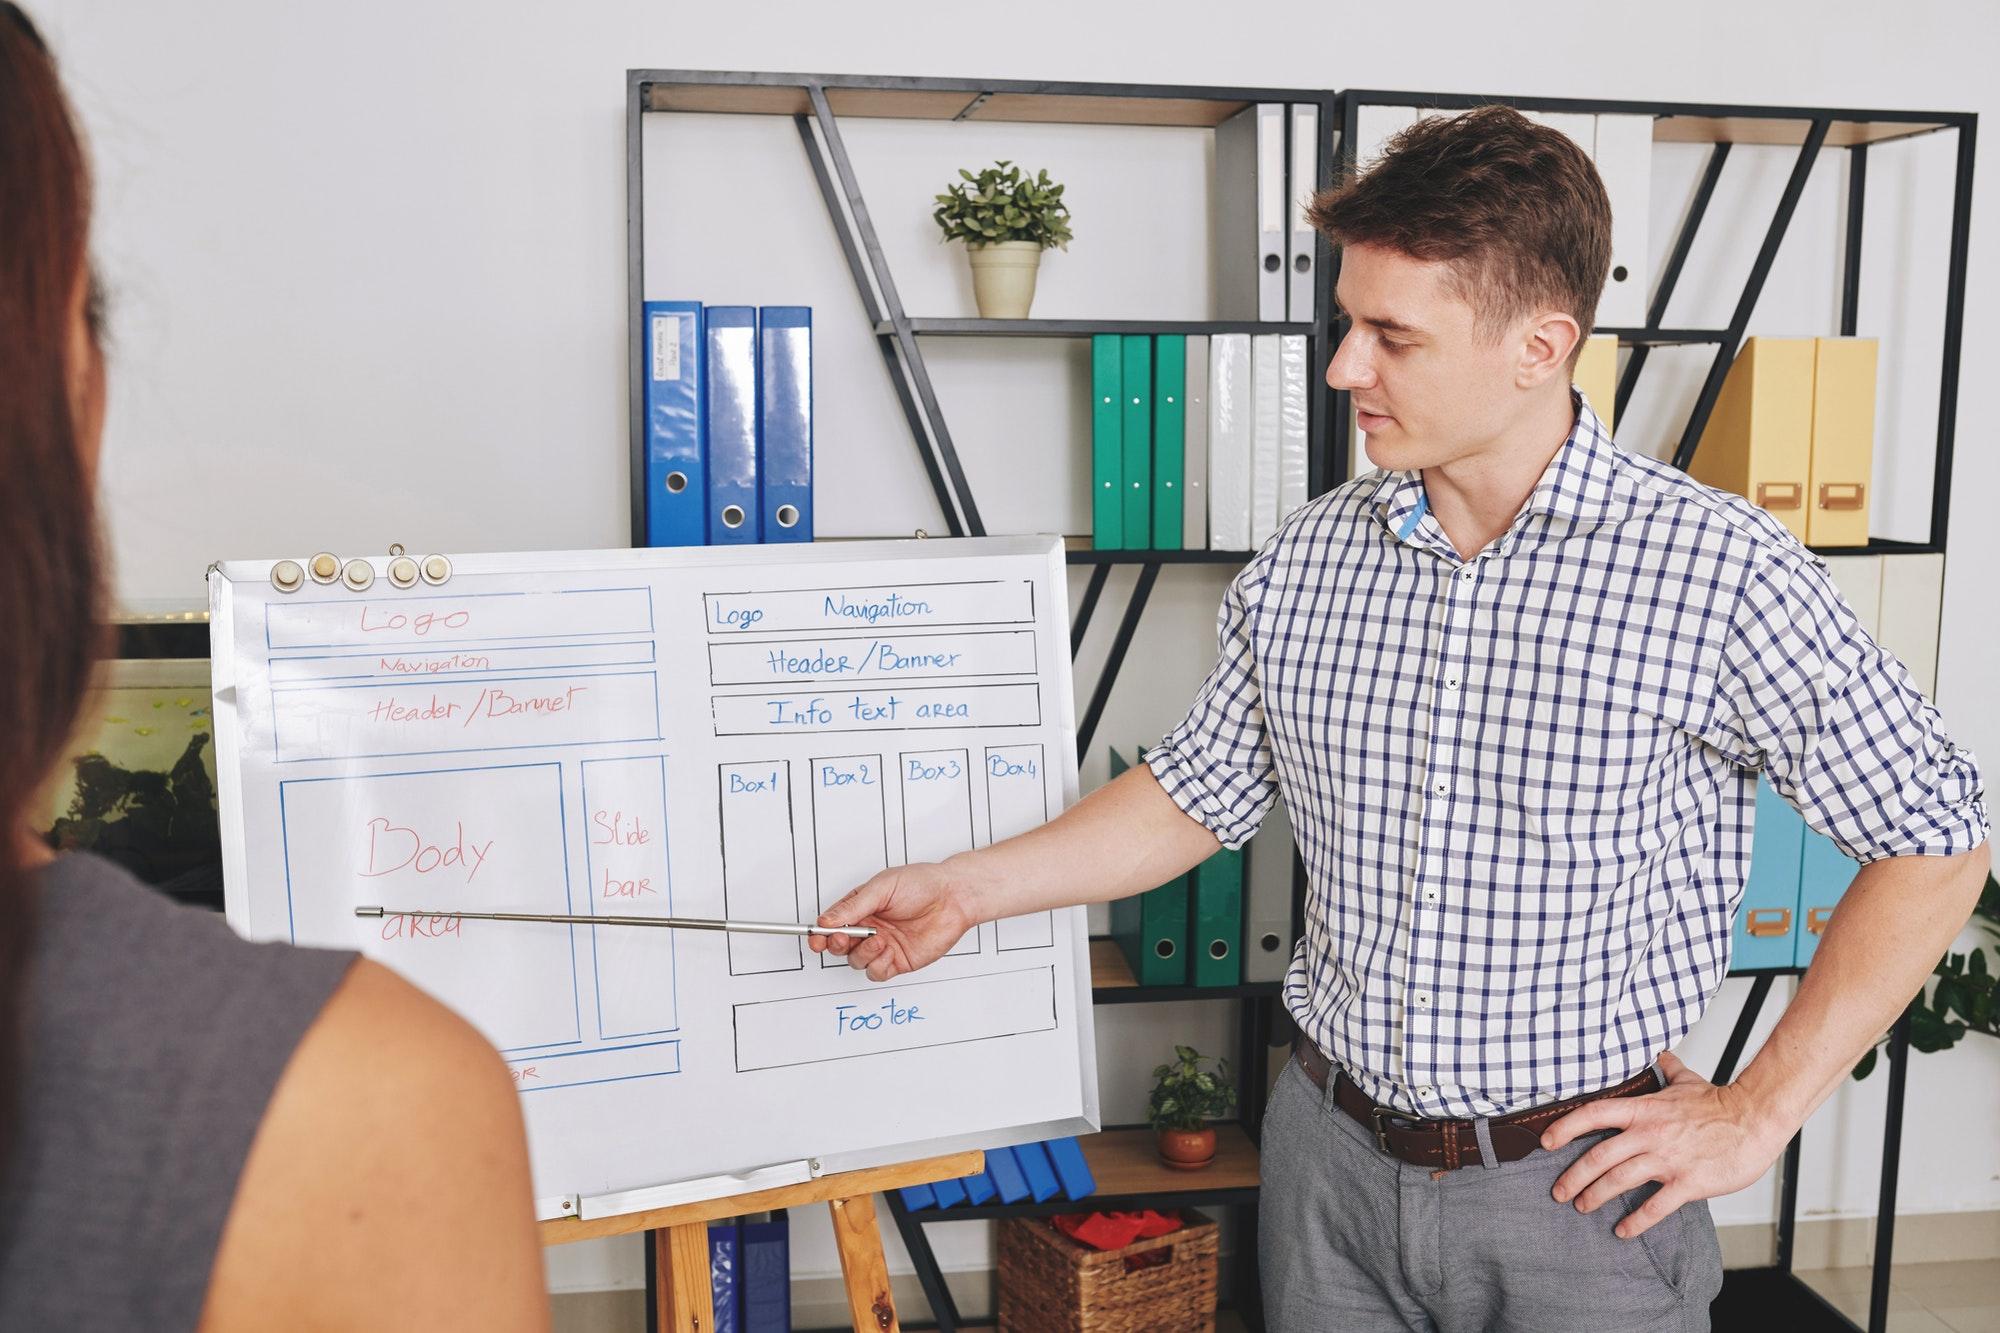 UI designer showing website layout